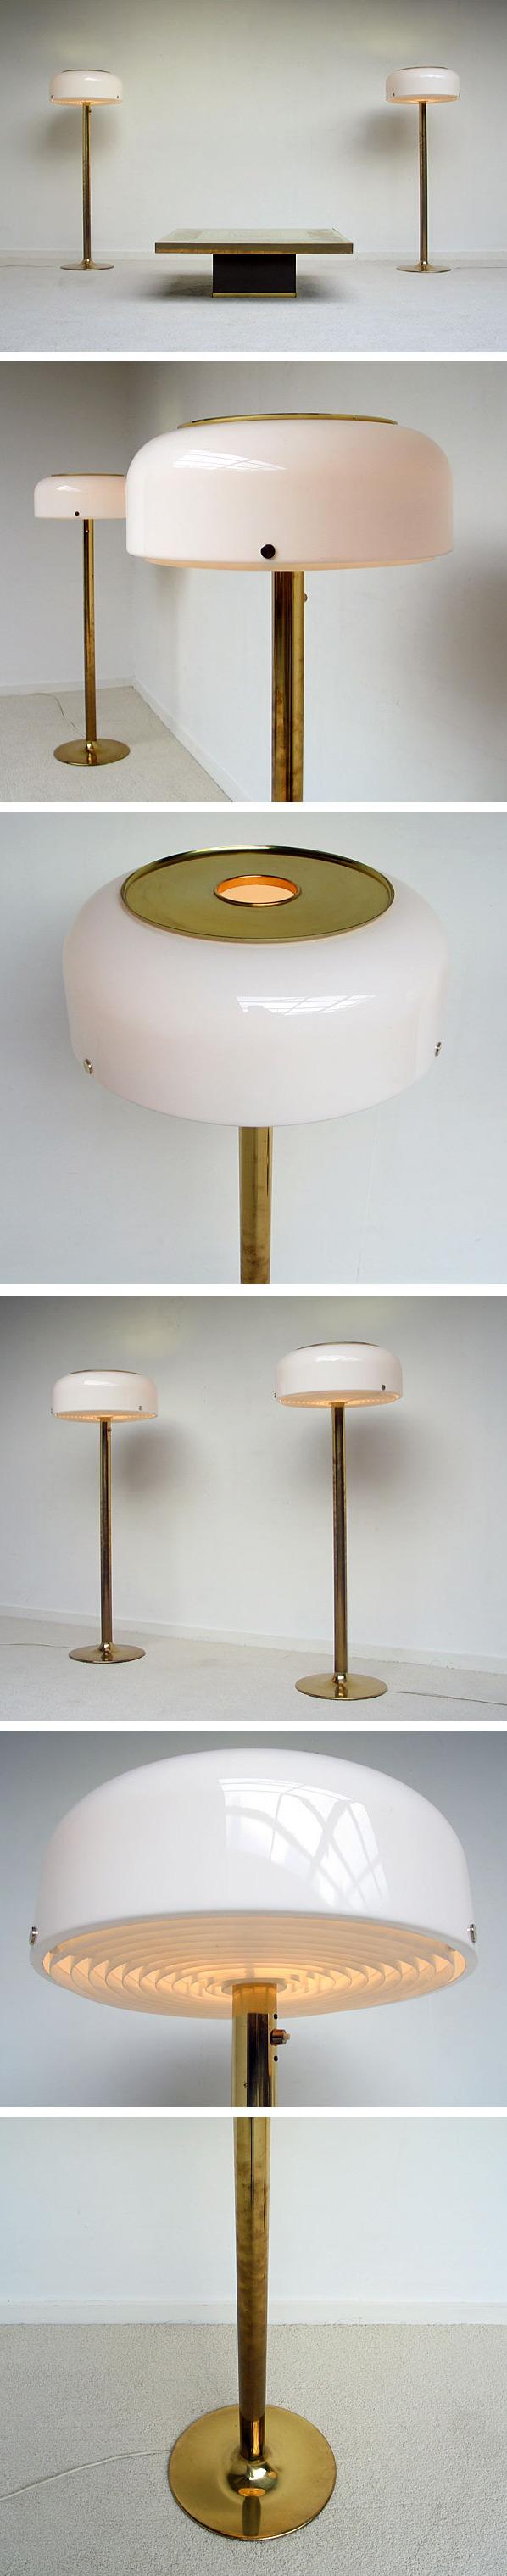 Pair of brass floor lamps Anders Pehrson Atelier Lyktan Large